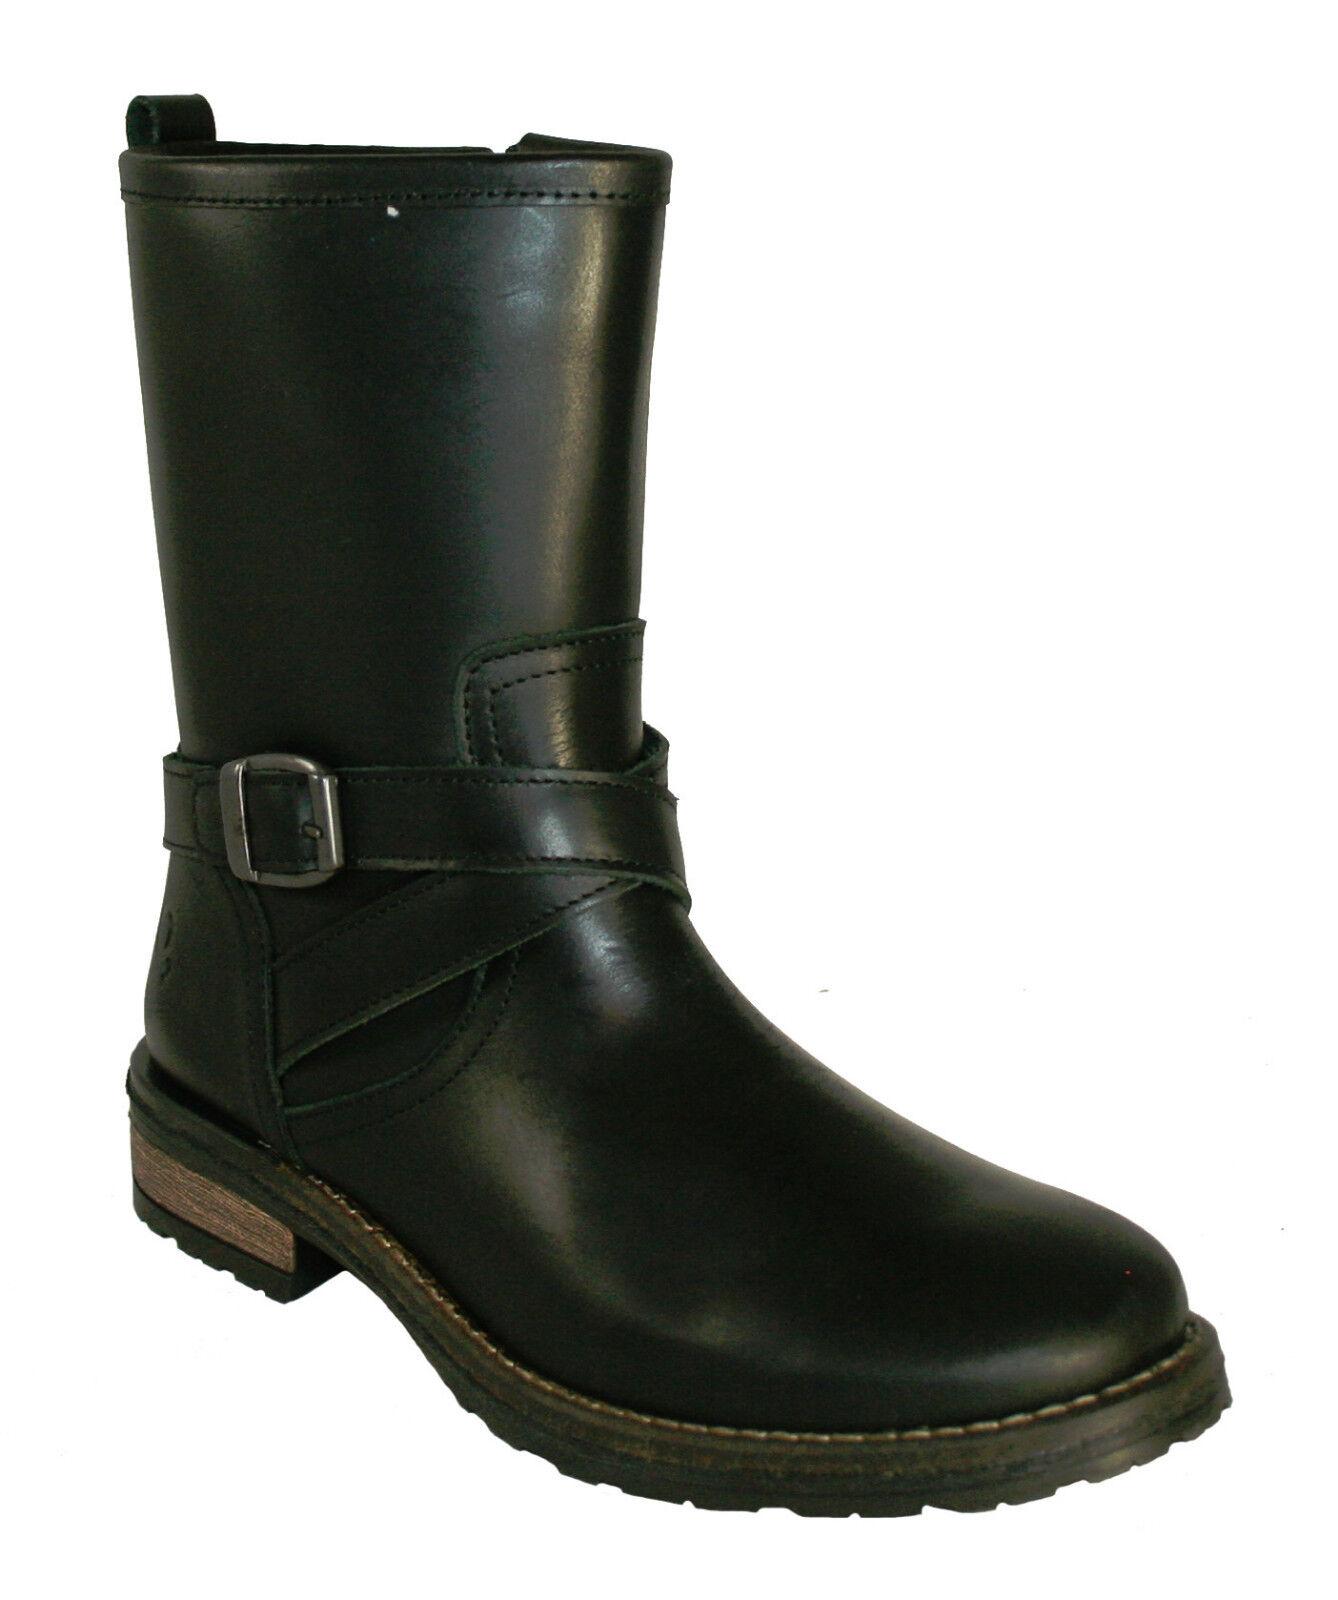 bottes en cuir noir mi - mollet de trent l'oxygène l'oxygène trent tailles 37 et 39 (6) prr. 00 c0e94b